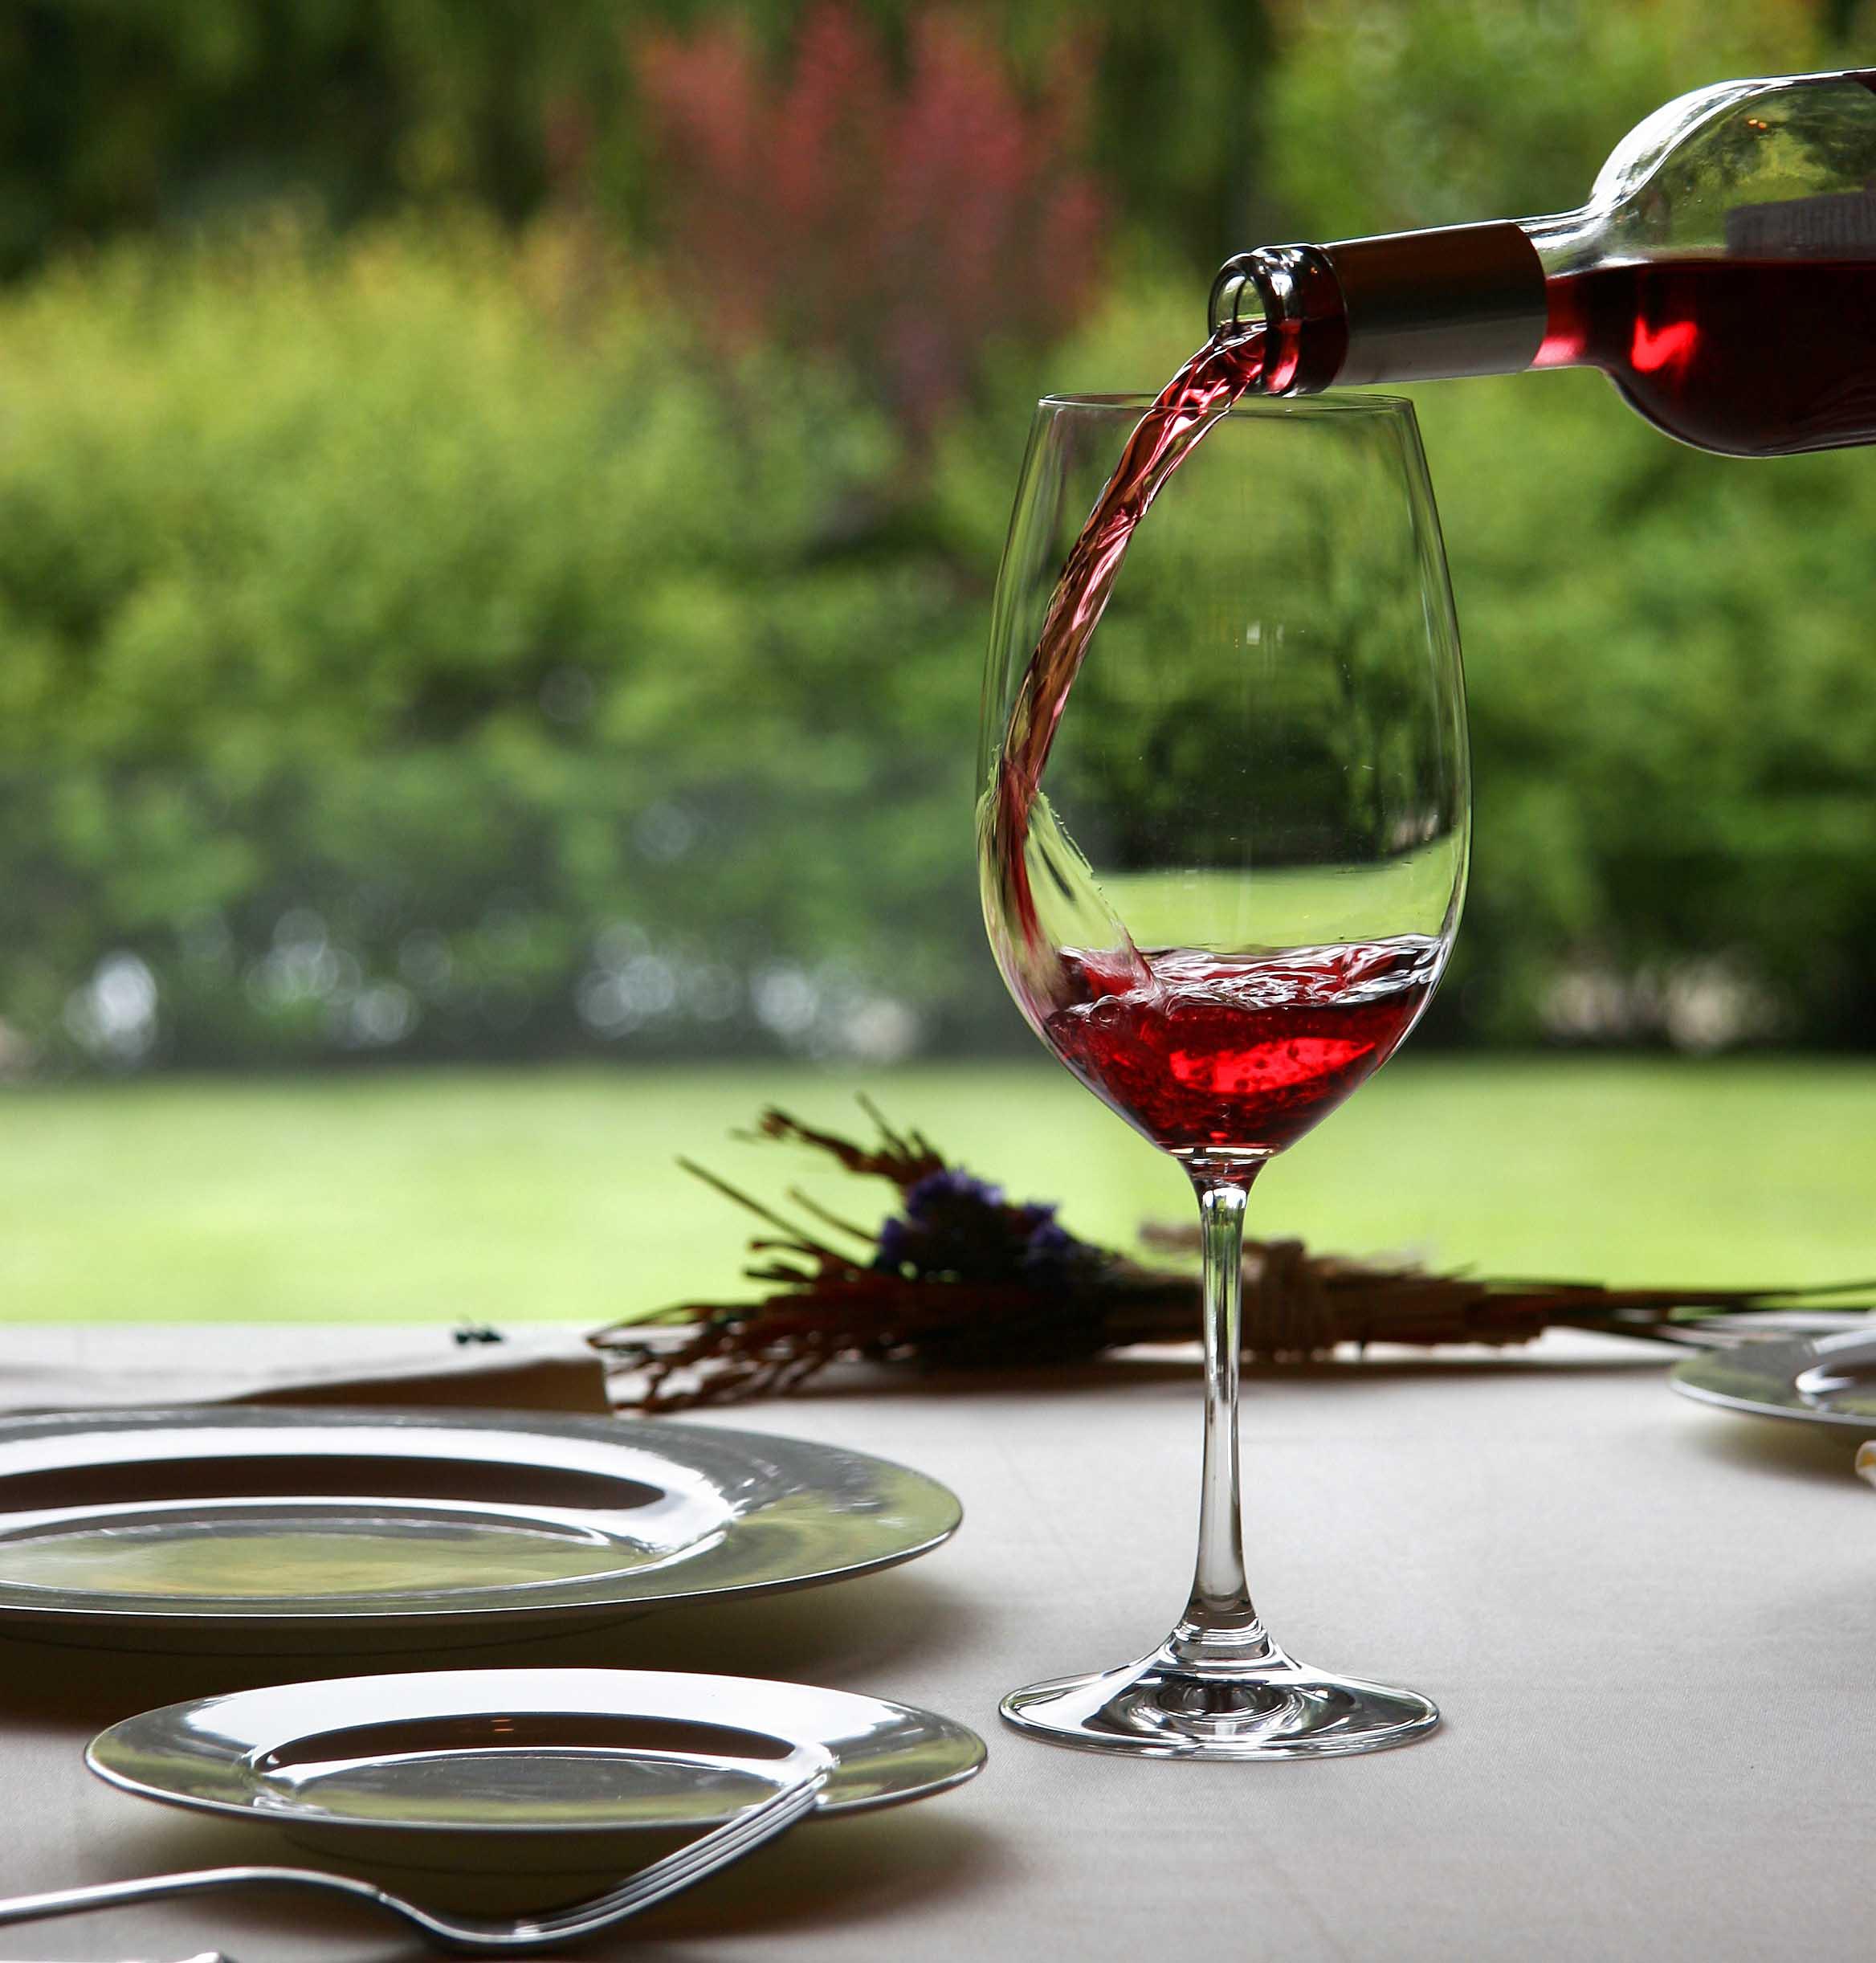 ¿Cómo utilizar los cinco sentidos en la venta y cata de vinos? Símbolo Ingenio Creativo